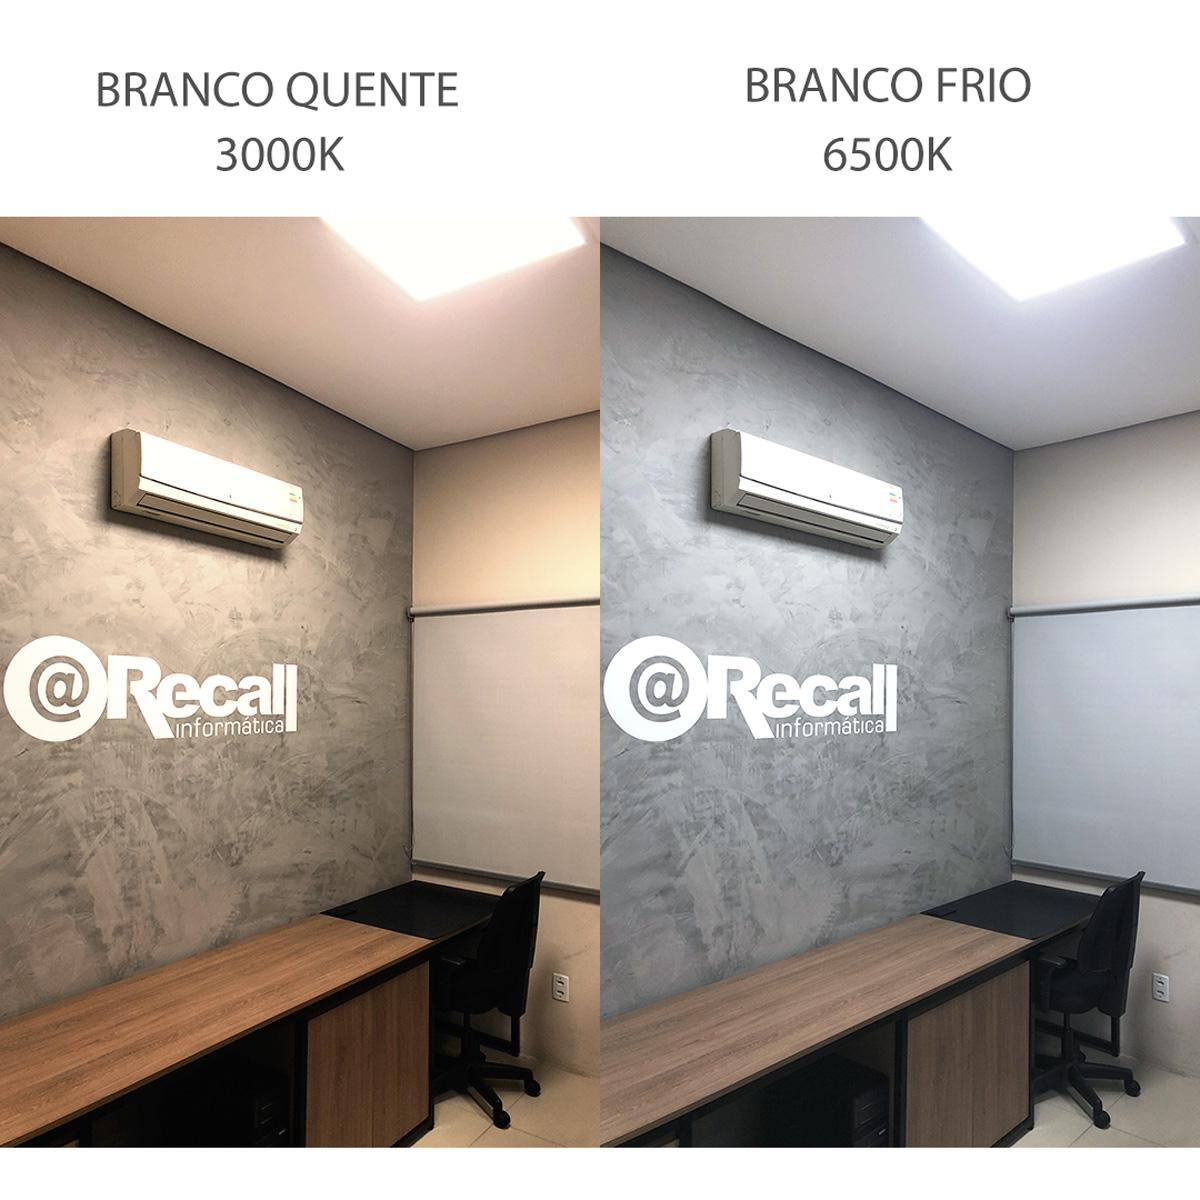 Luminária LED Embutir 36w Quadrada Branco Frio 6500k Plafon